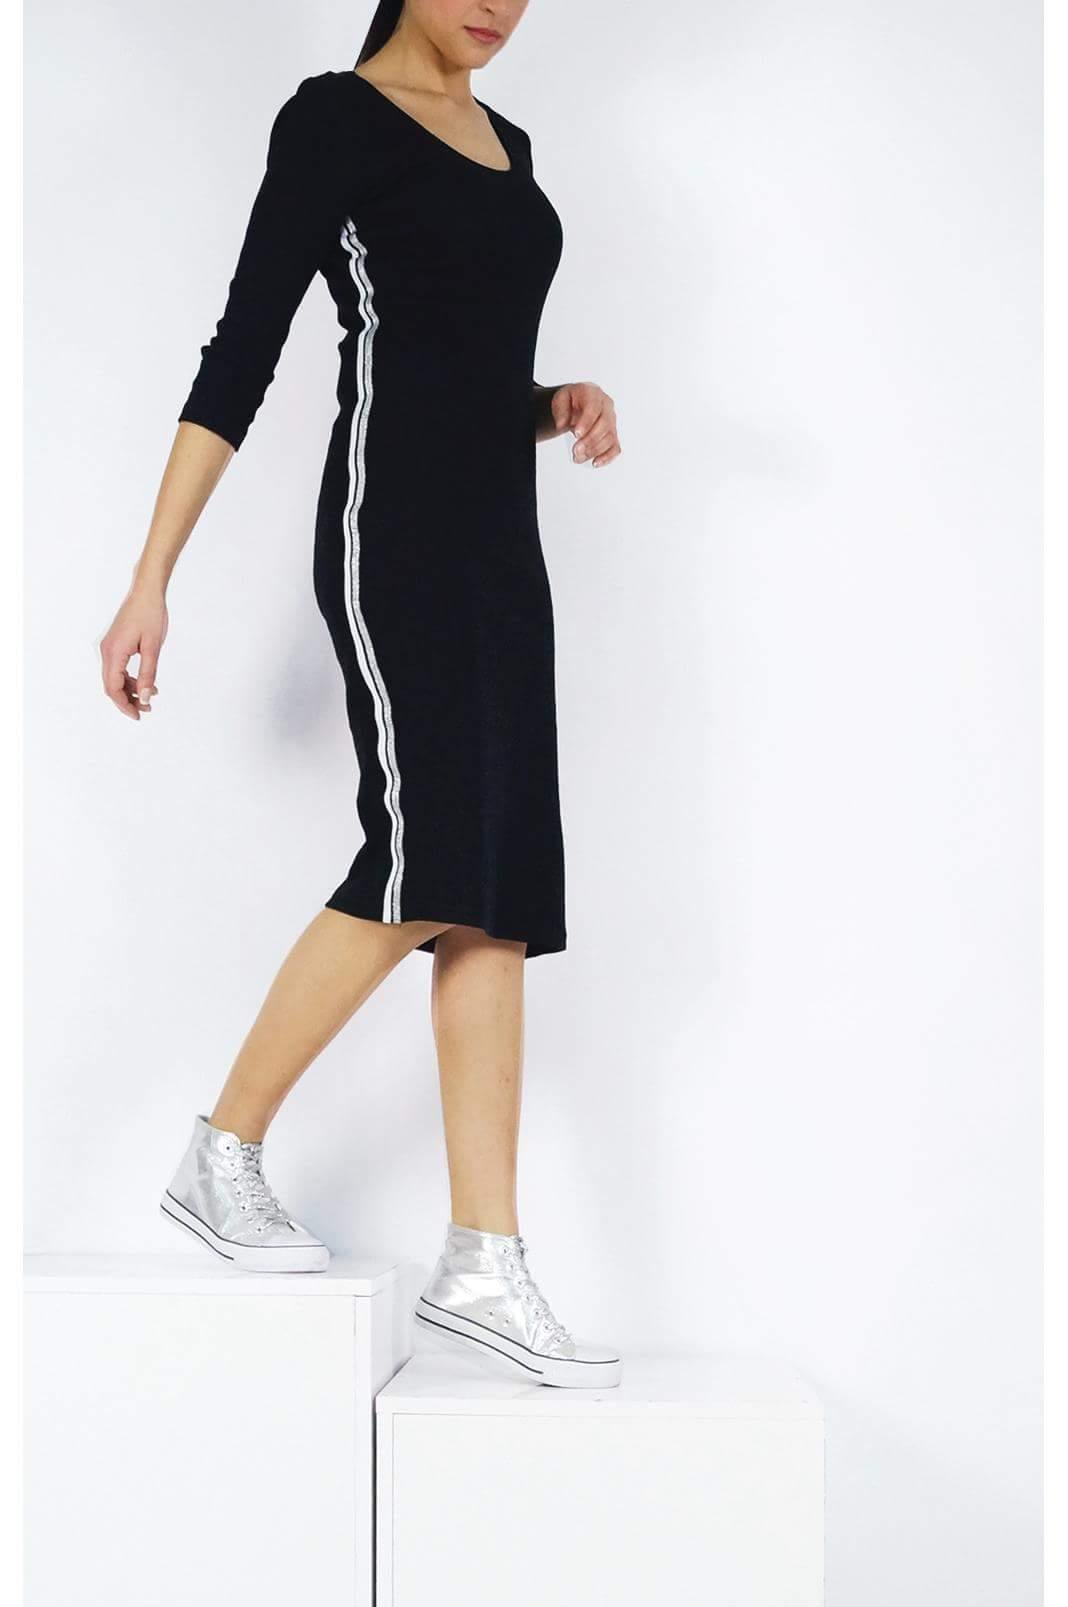 Midi φόρεμα μακρυμάνικο σε στενή γραμμή με ρίγα στο πλάι σε μαύρο χρώμα fe6729a6c67